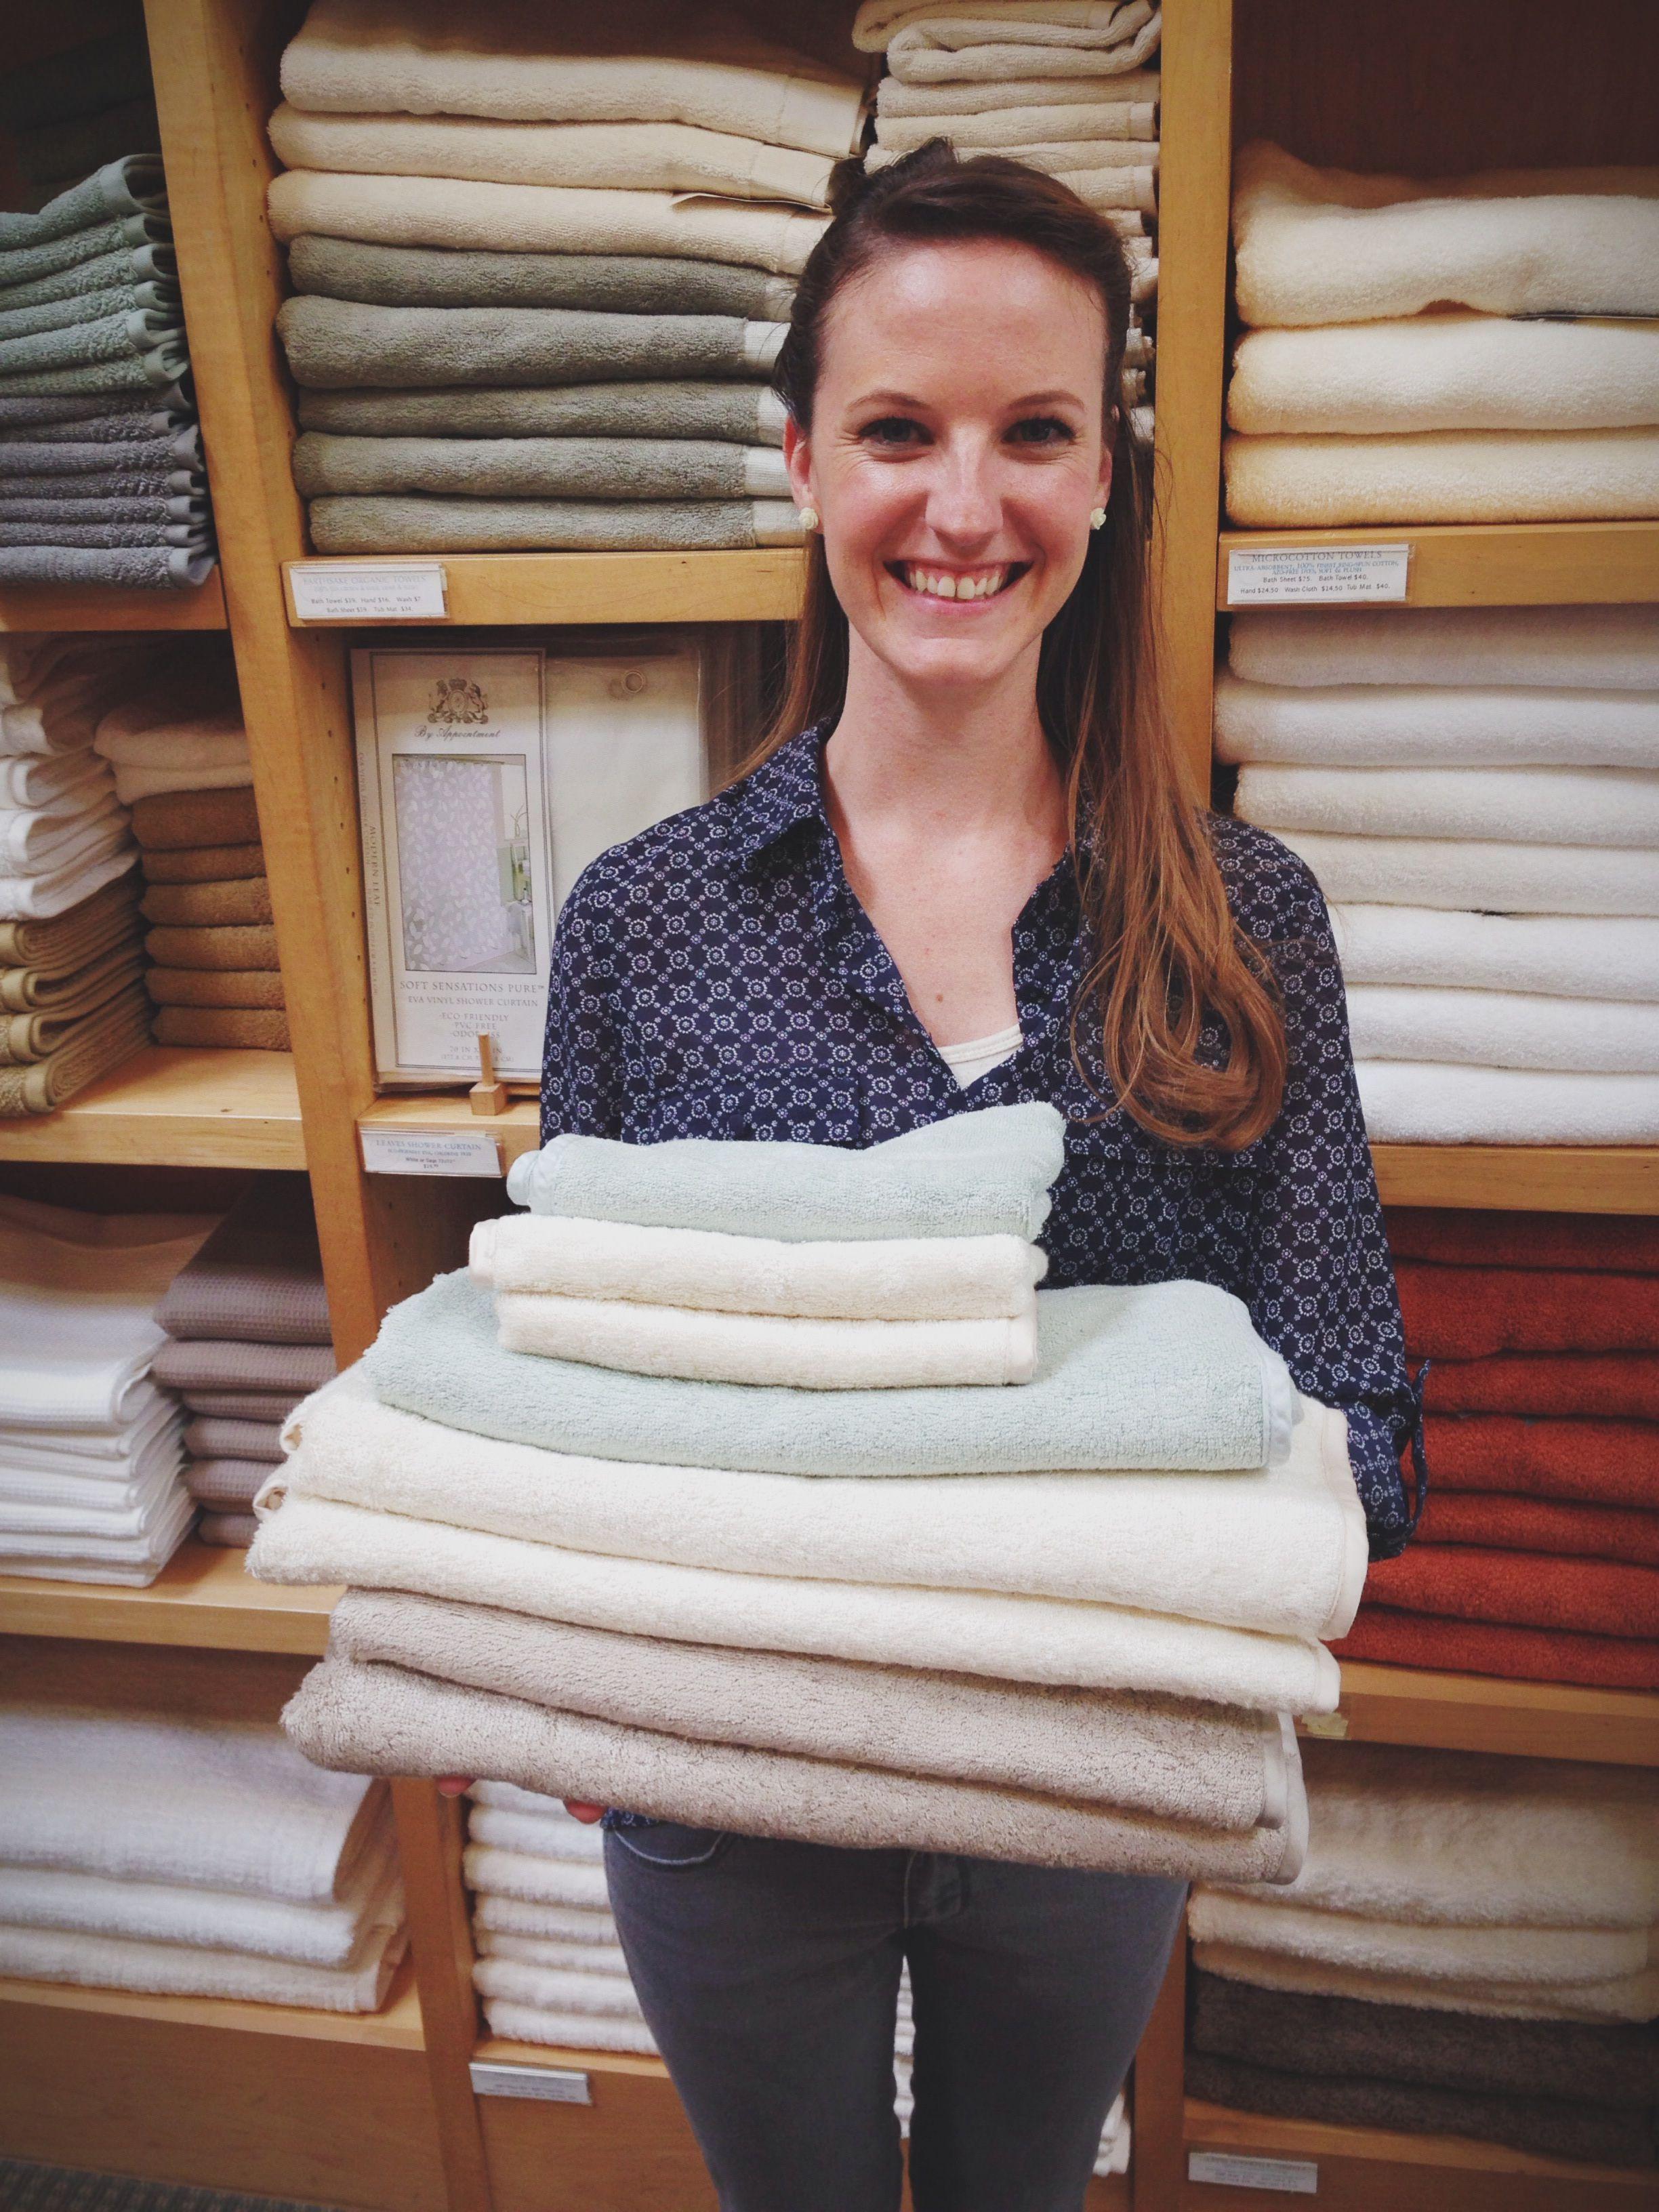 Eliminar la pelusa de las toallas nuevas: La pelusa en las toallas a estrenar es más común de lo que pensamos y muchas personas lo primero que hacen es quitarlas con la mano o sacudirlas, pero te aseguramos que esto no sirve para nada. http://www.casablanqueria.com/bano/eliminar-la-pelusa-de-las-toallas-nuevas/